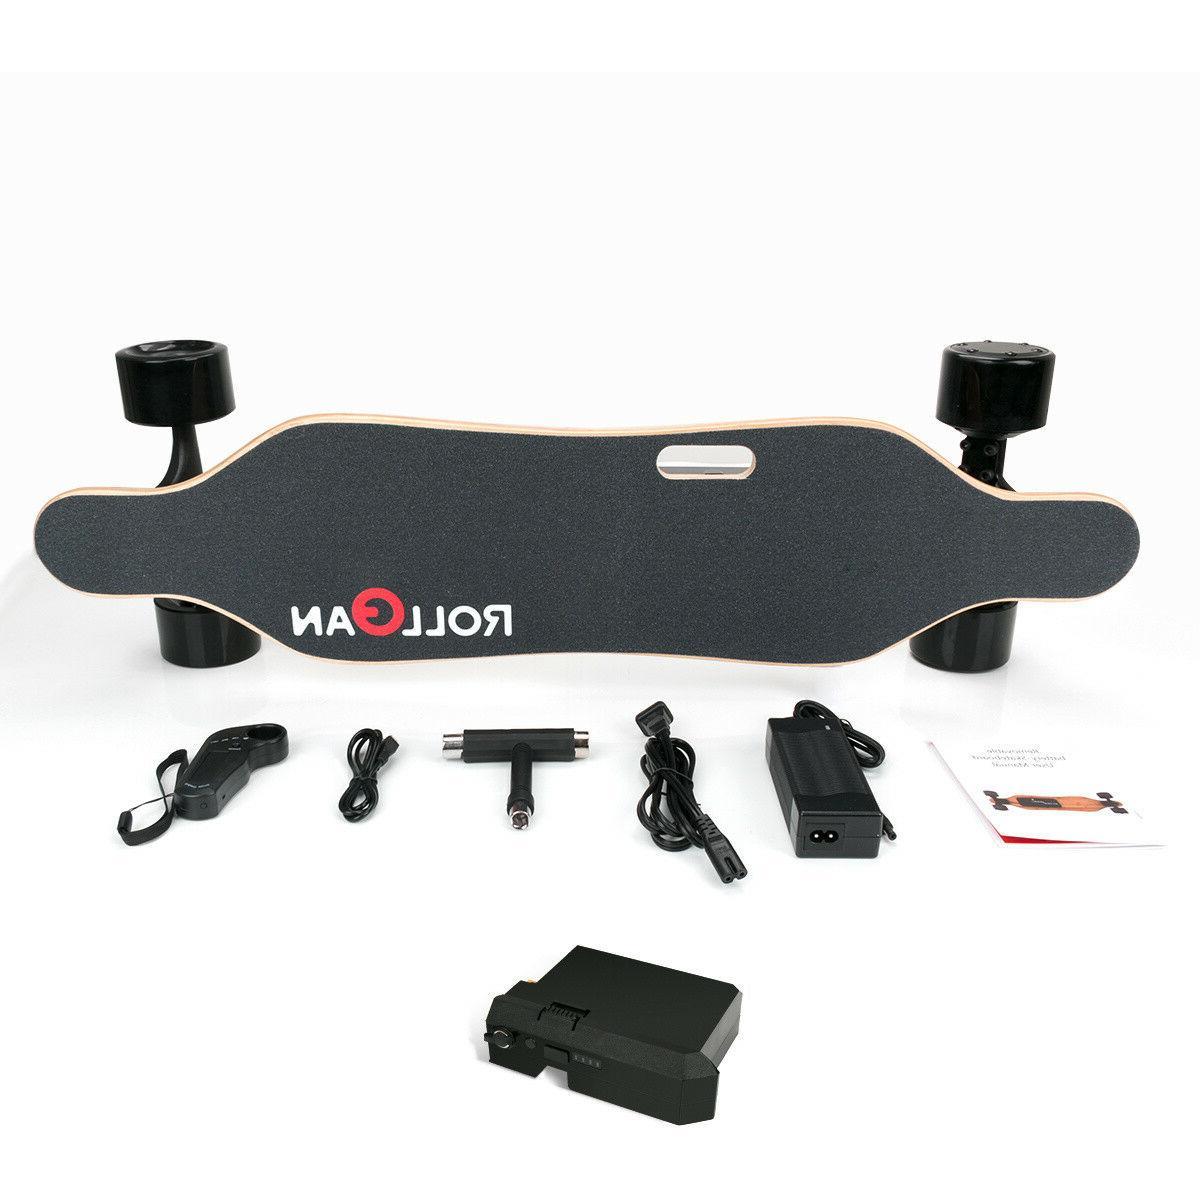 Longboard Electric Skateboard Dual Longboard